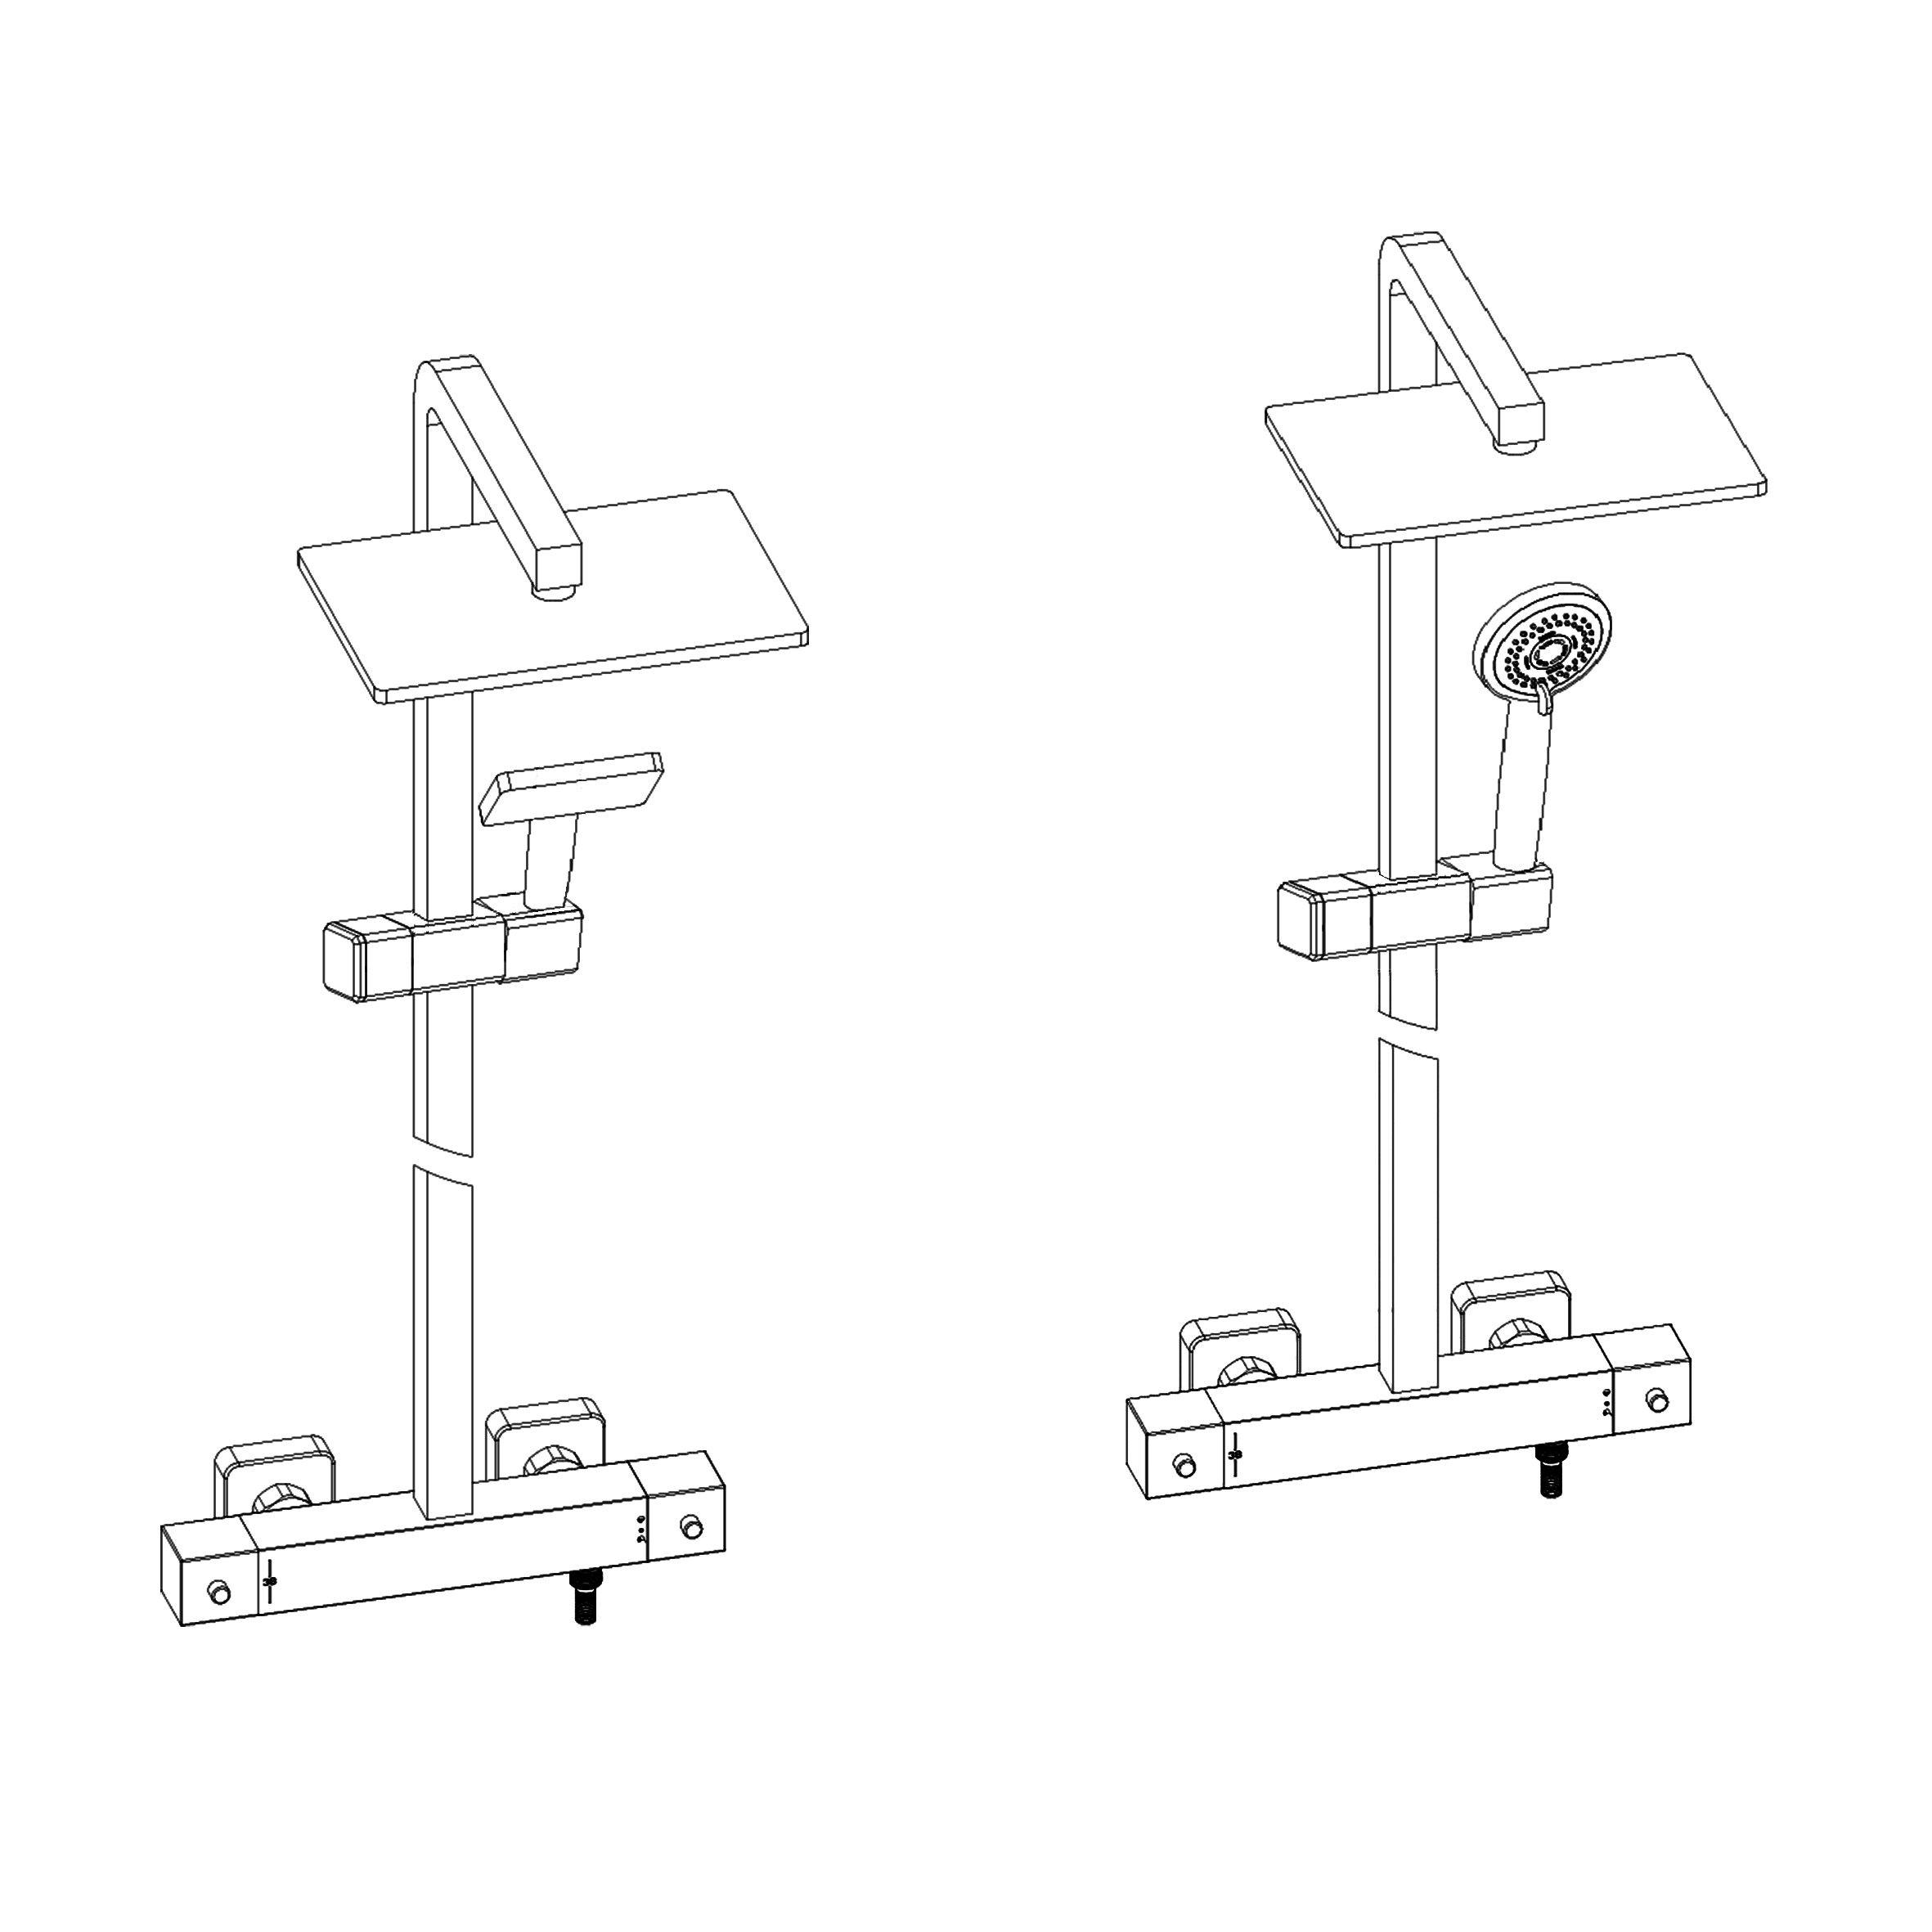 Design-Duschsäule Thermostat 3011 Basic inkl. Handbrause - Auswahl Duschkopf eckig & rund zoom thumbnail 6